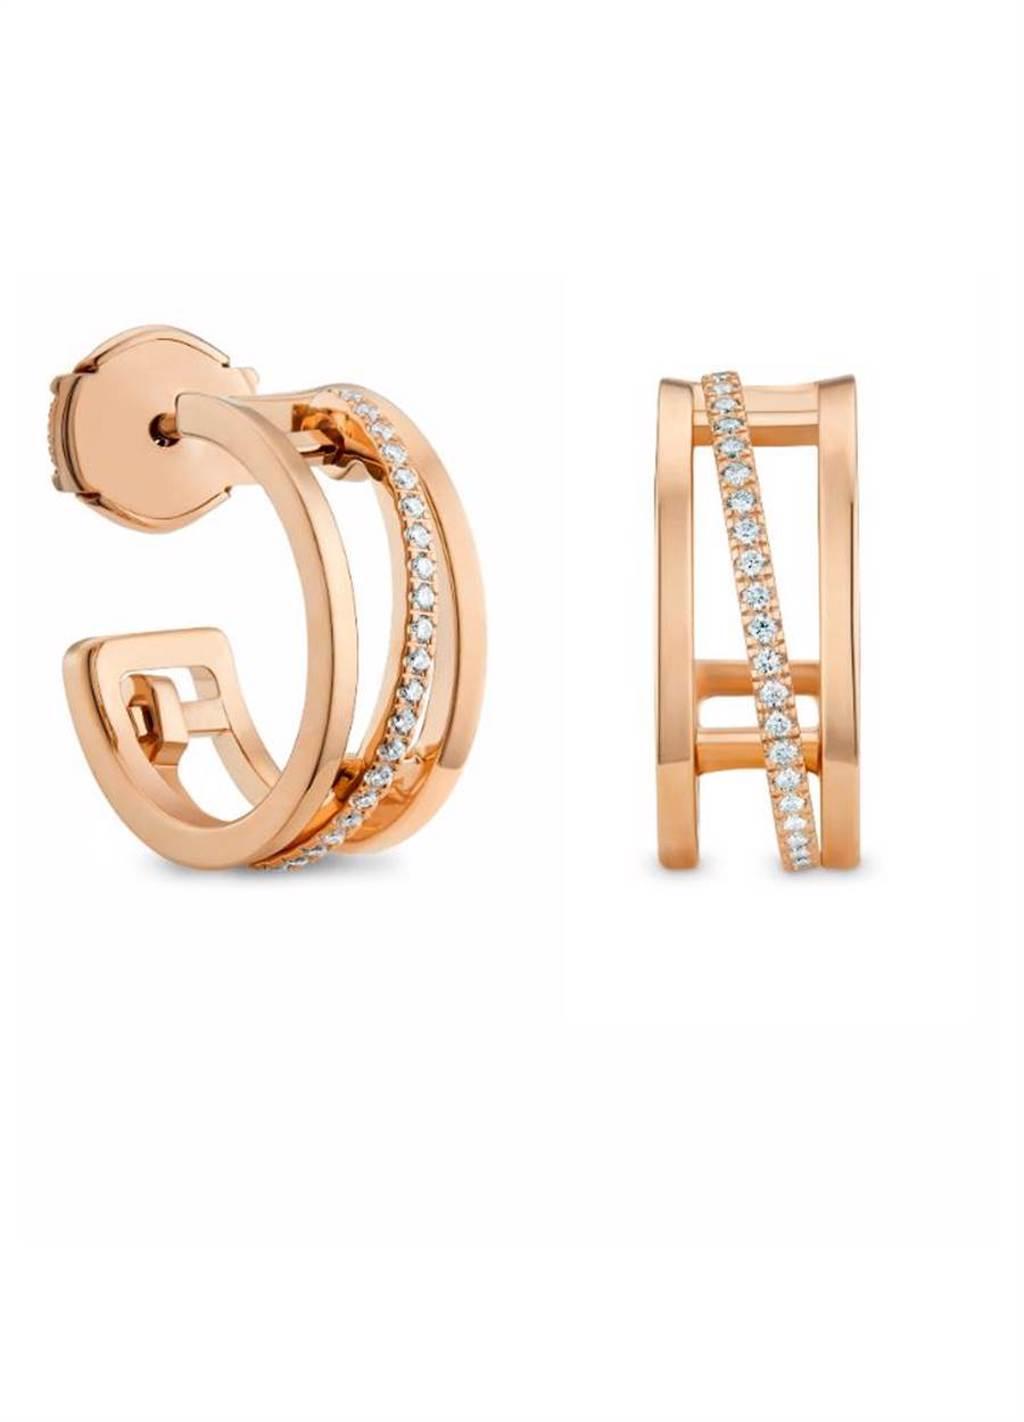 De Beers Horizon 18K玫瑰金鑽石耳環,12萬1000元。(De Beers提供)